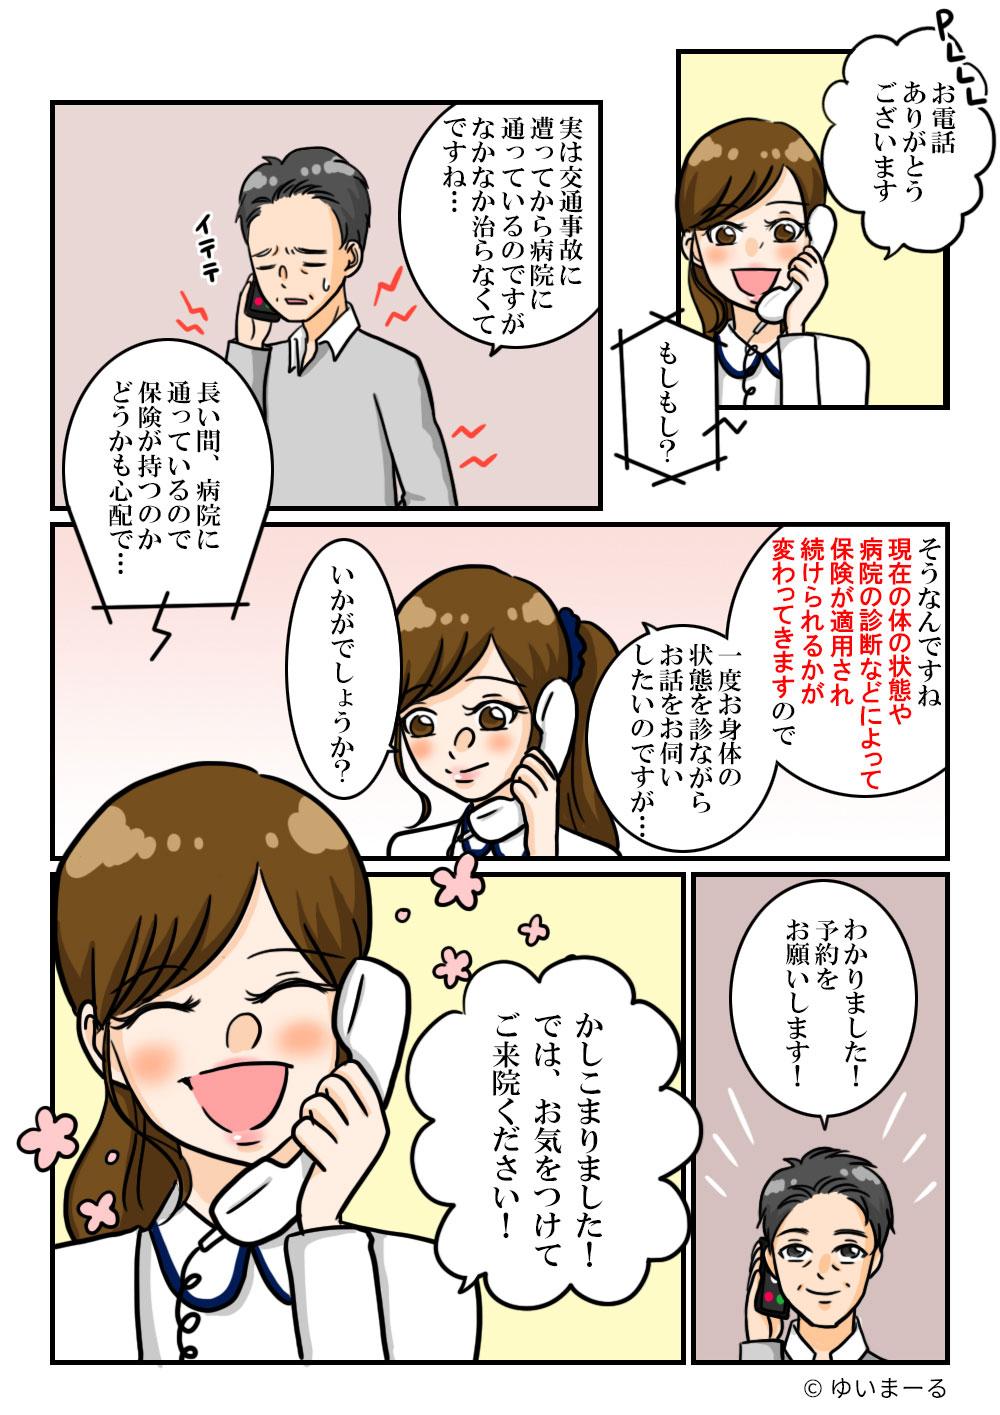 漫画4-3